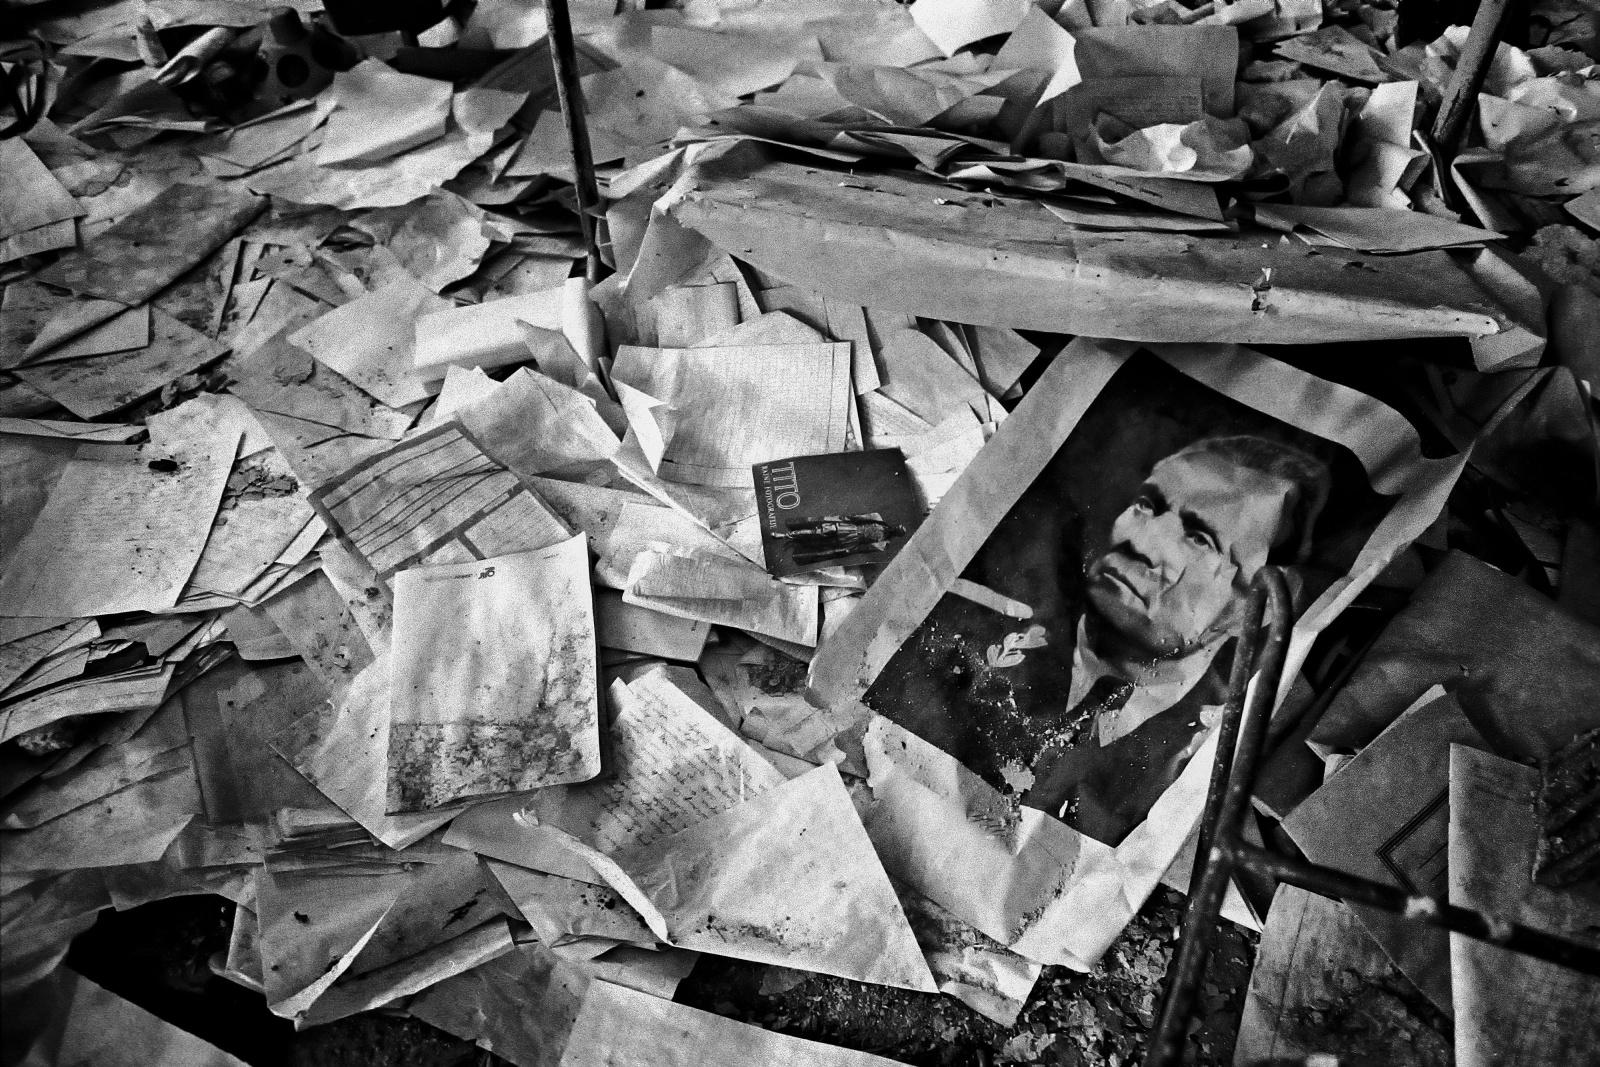 Sarajevo 1993. Una fotografia del Maresciallo Tito, padre della Jugoslavia capitolata all'inizio degli Anni 90, tra le macerie di una scuola elementare distrutta dalle bombe dei serbi.